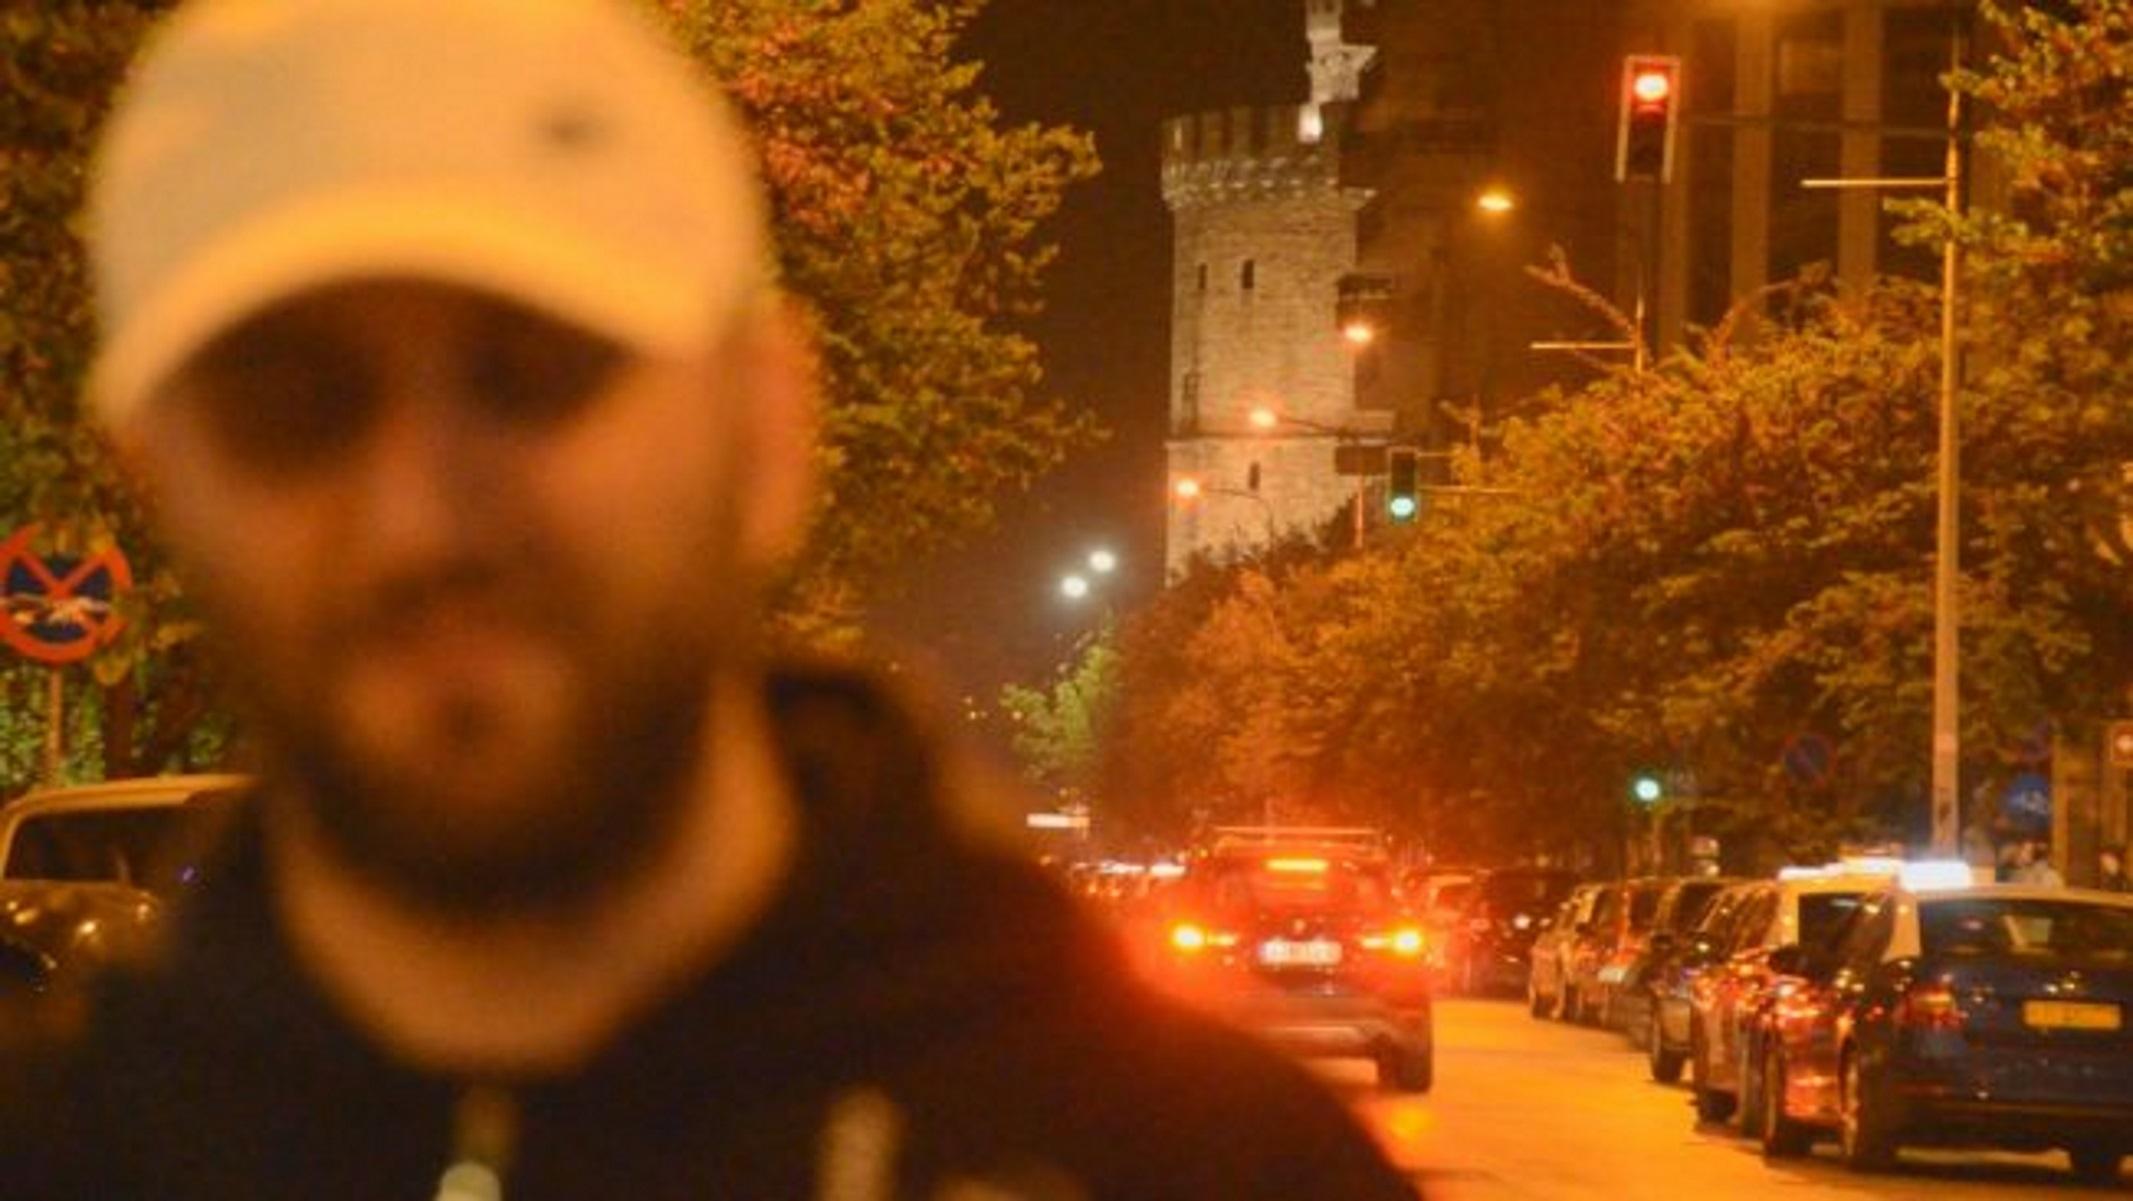 Θεσσαλονίκη: Συγκλονίζει τυφλός μουσικός – Το bullying, ο πρώτος δίσκος και η μπάλα (pics, vid)